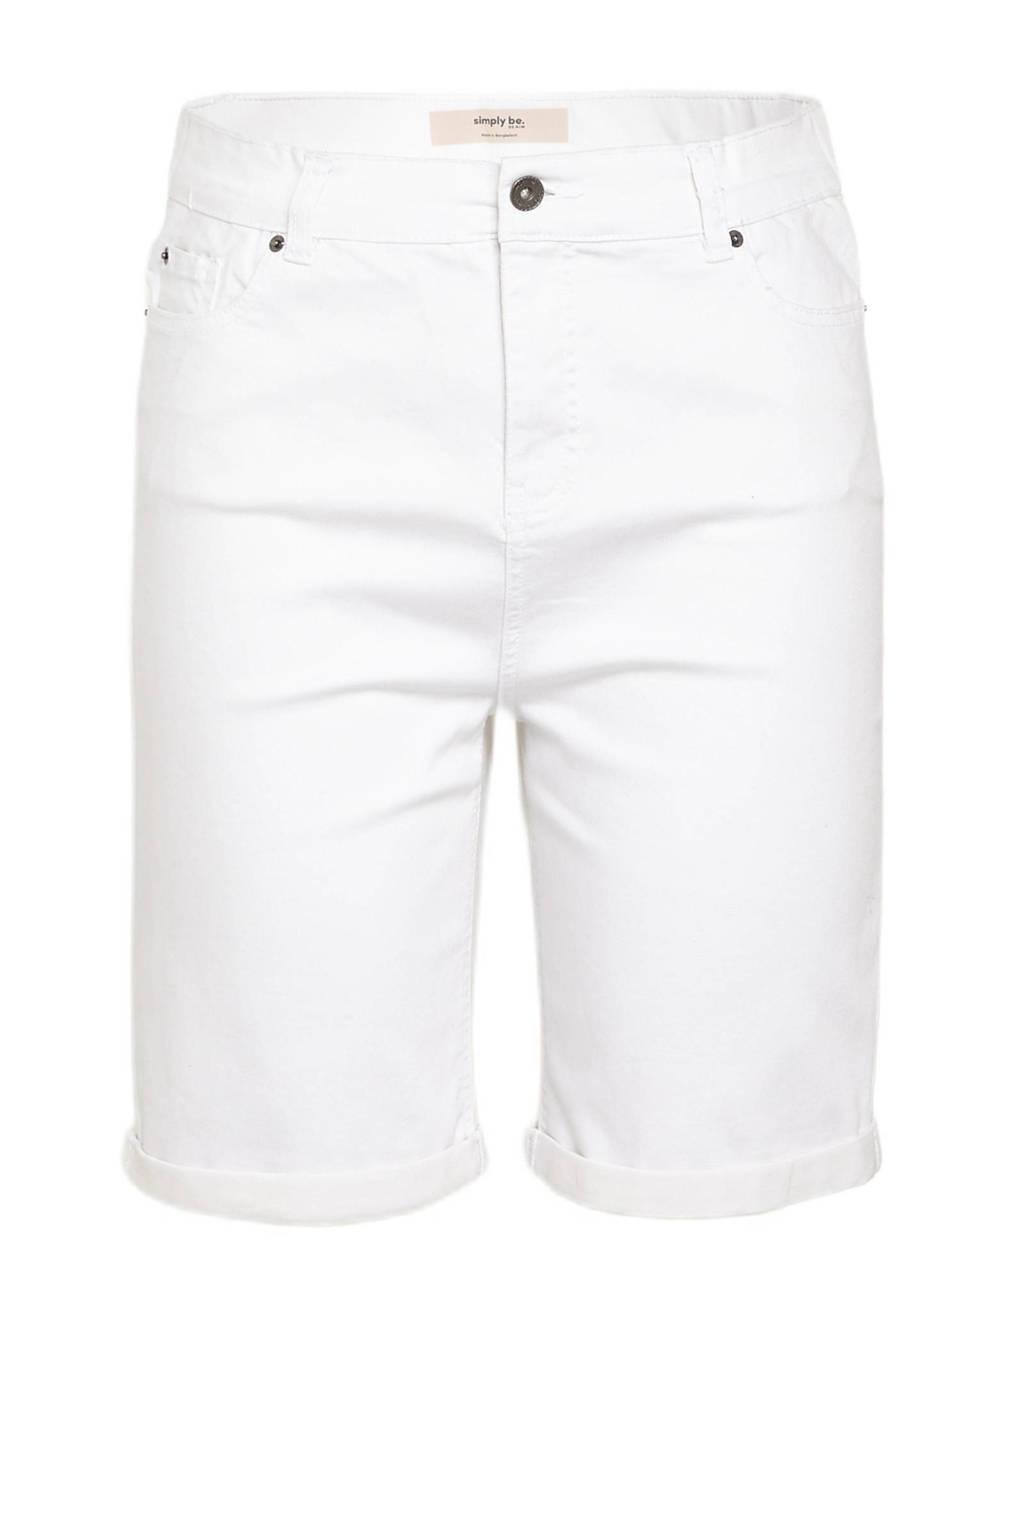 Simply Be jeans short met biologisch katoen wit, Wit